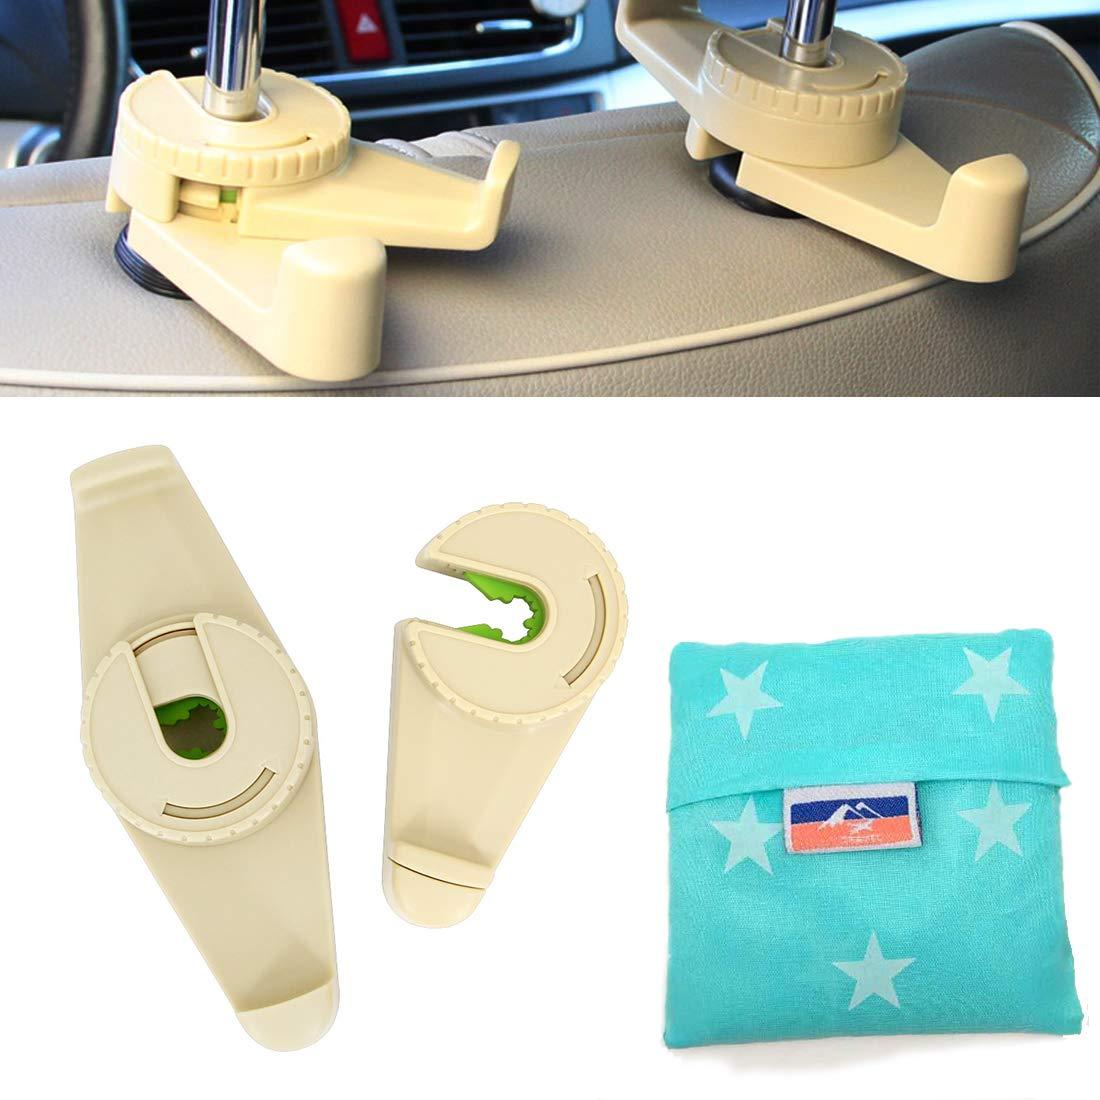 Beige Gancho del reposacabezas del asiento del autom/óvil multifuncional universal